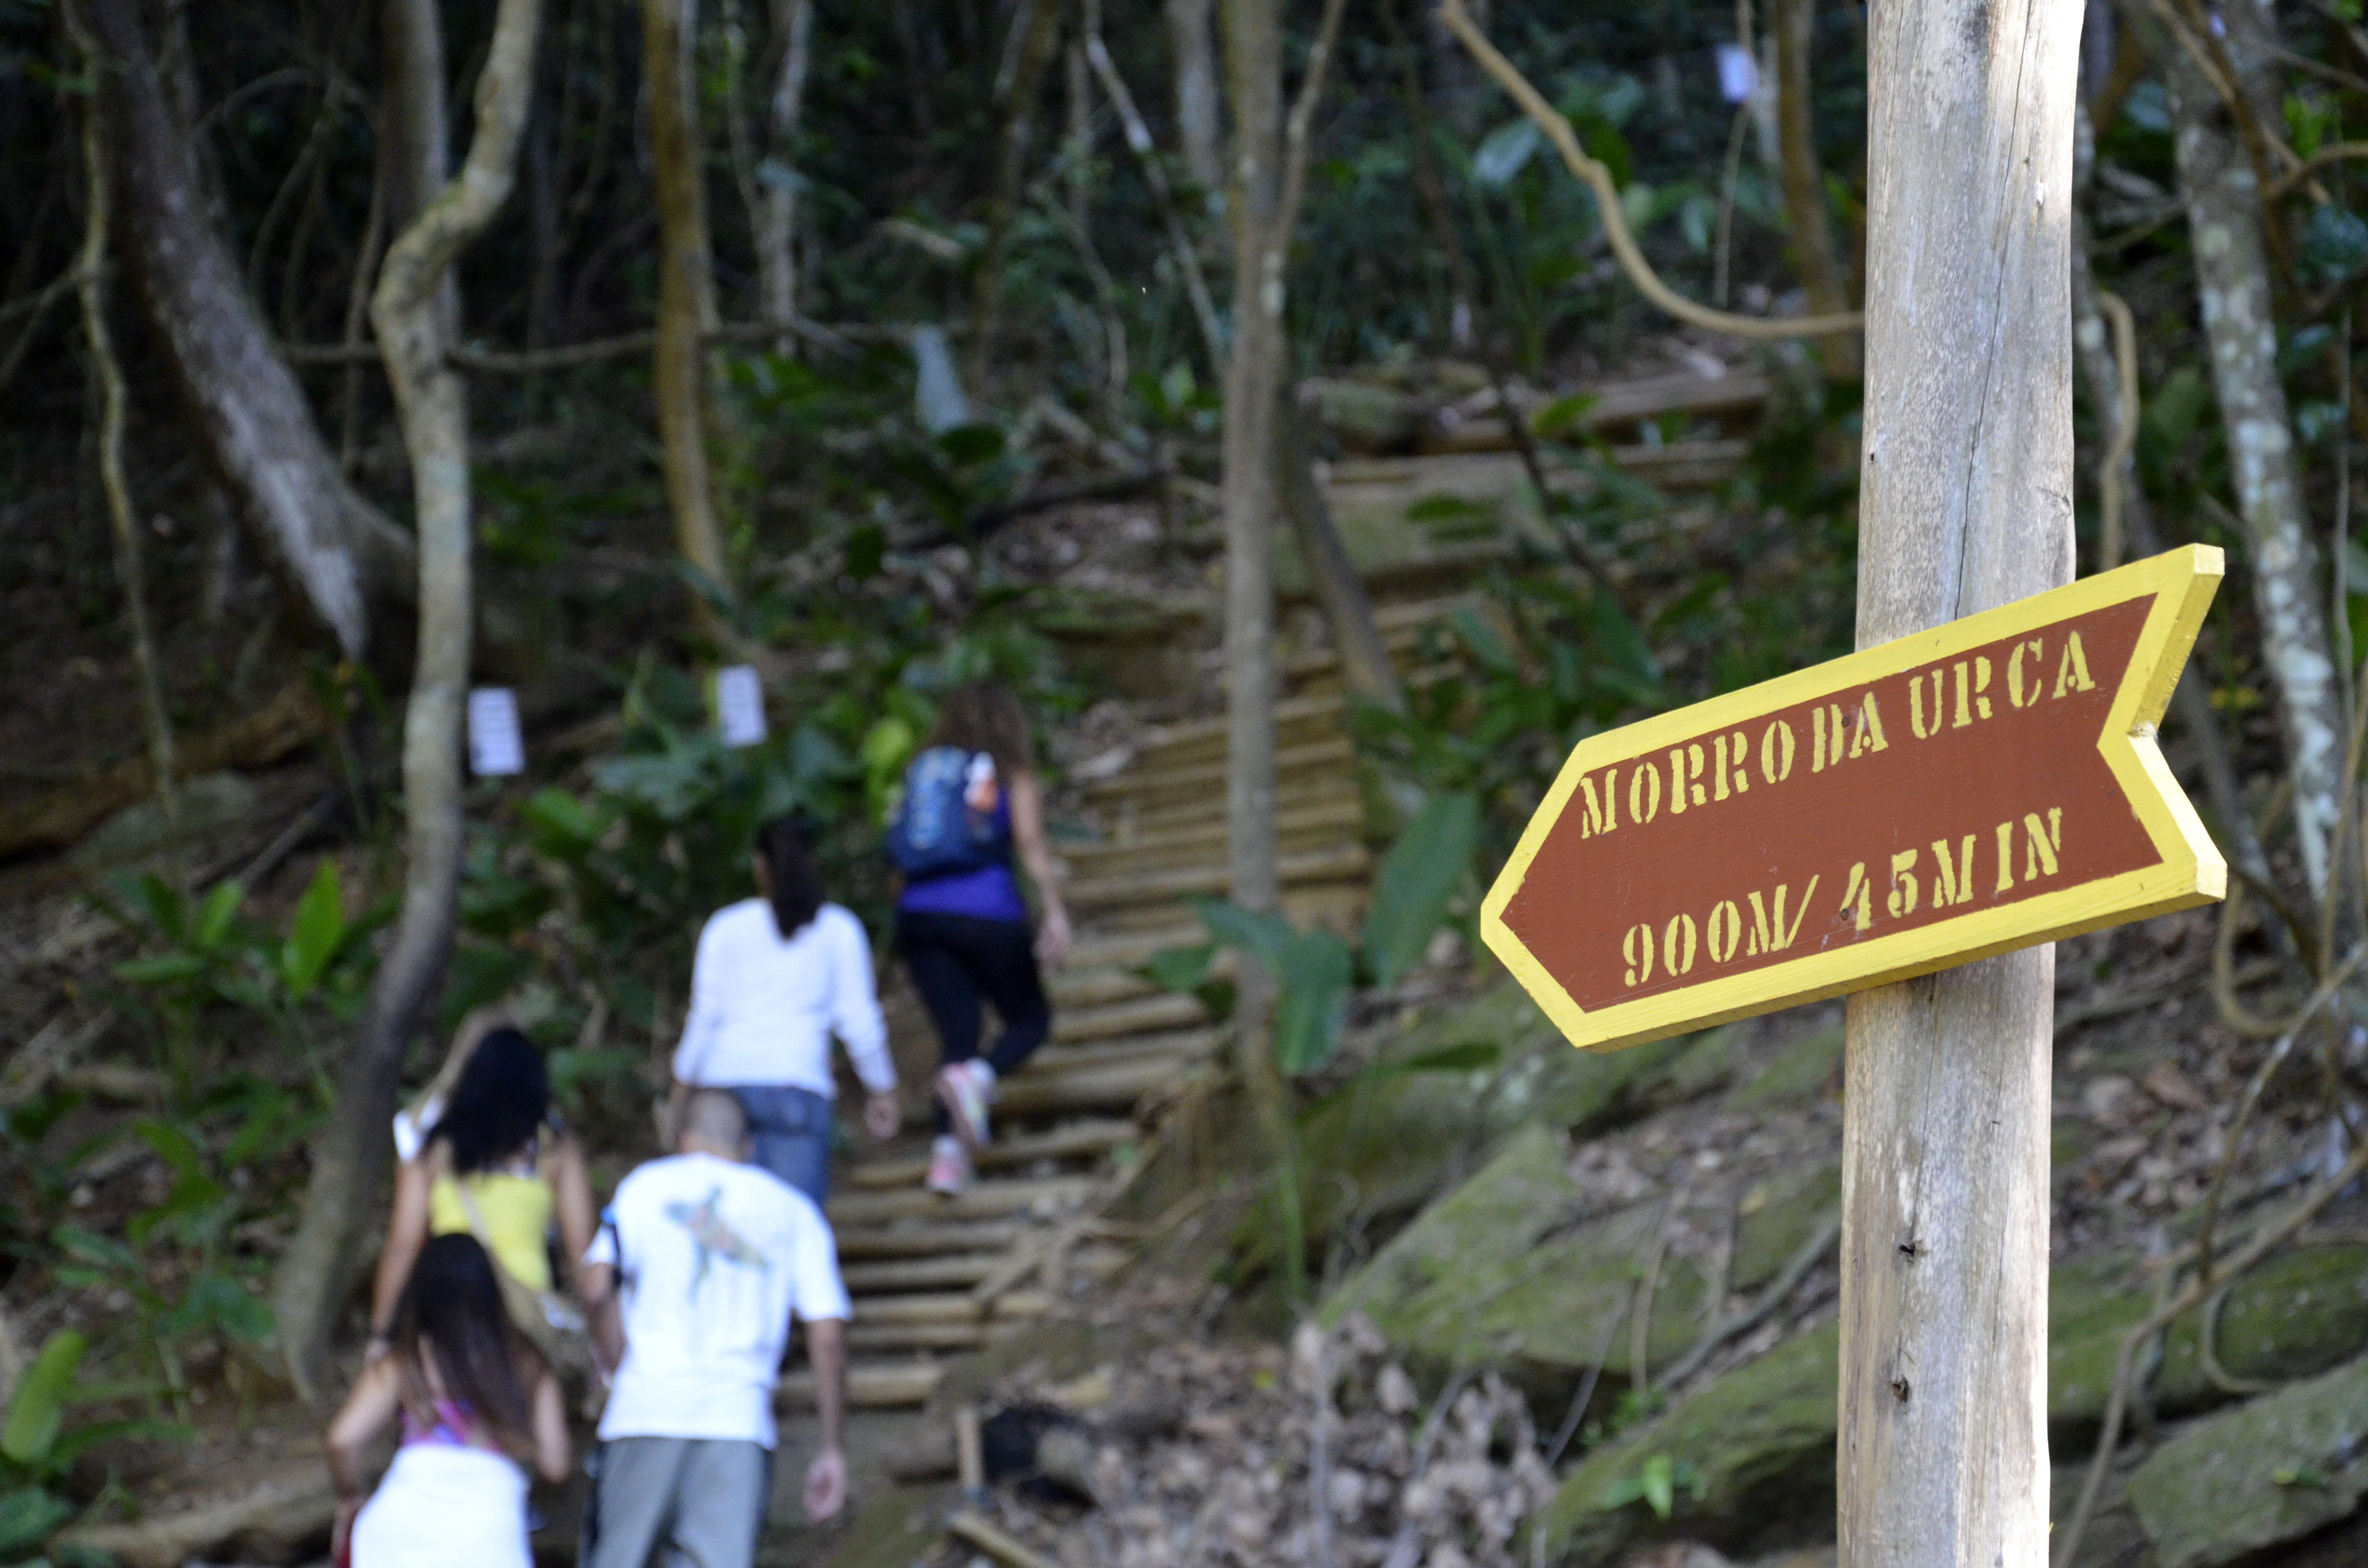 Foto mostra grupo de pessoas subindo uma trilha